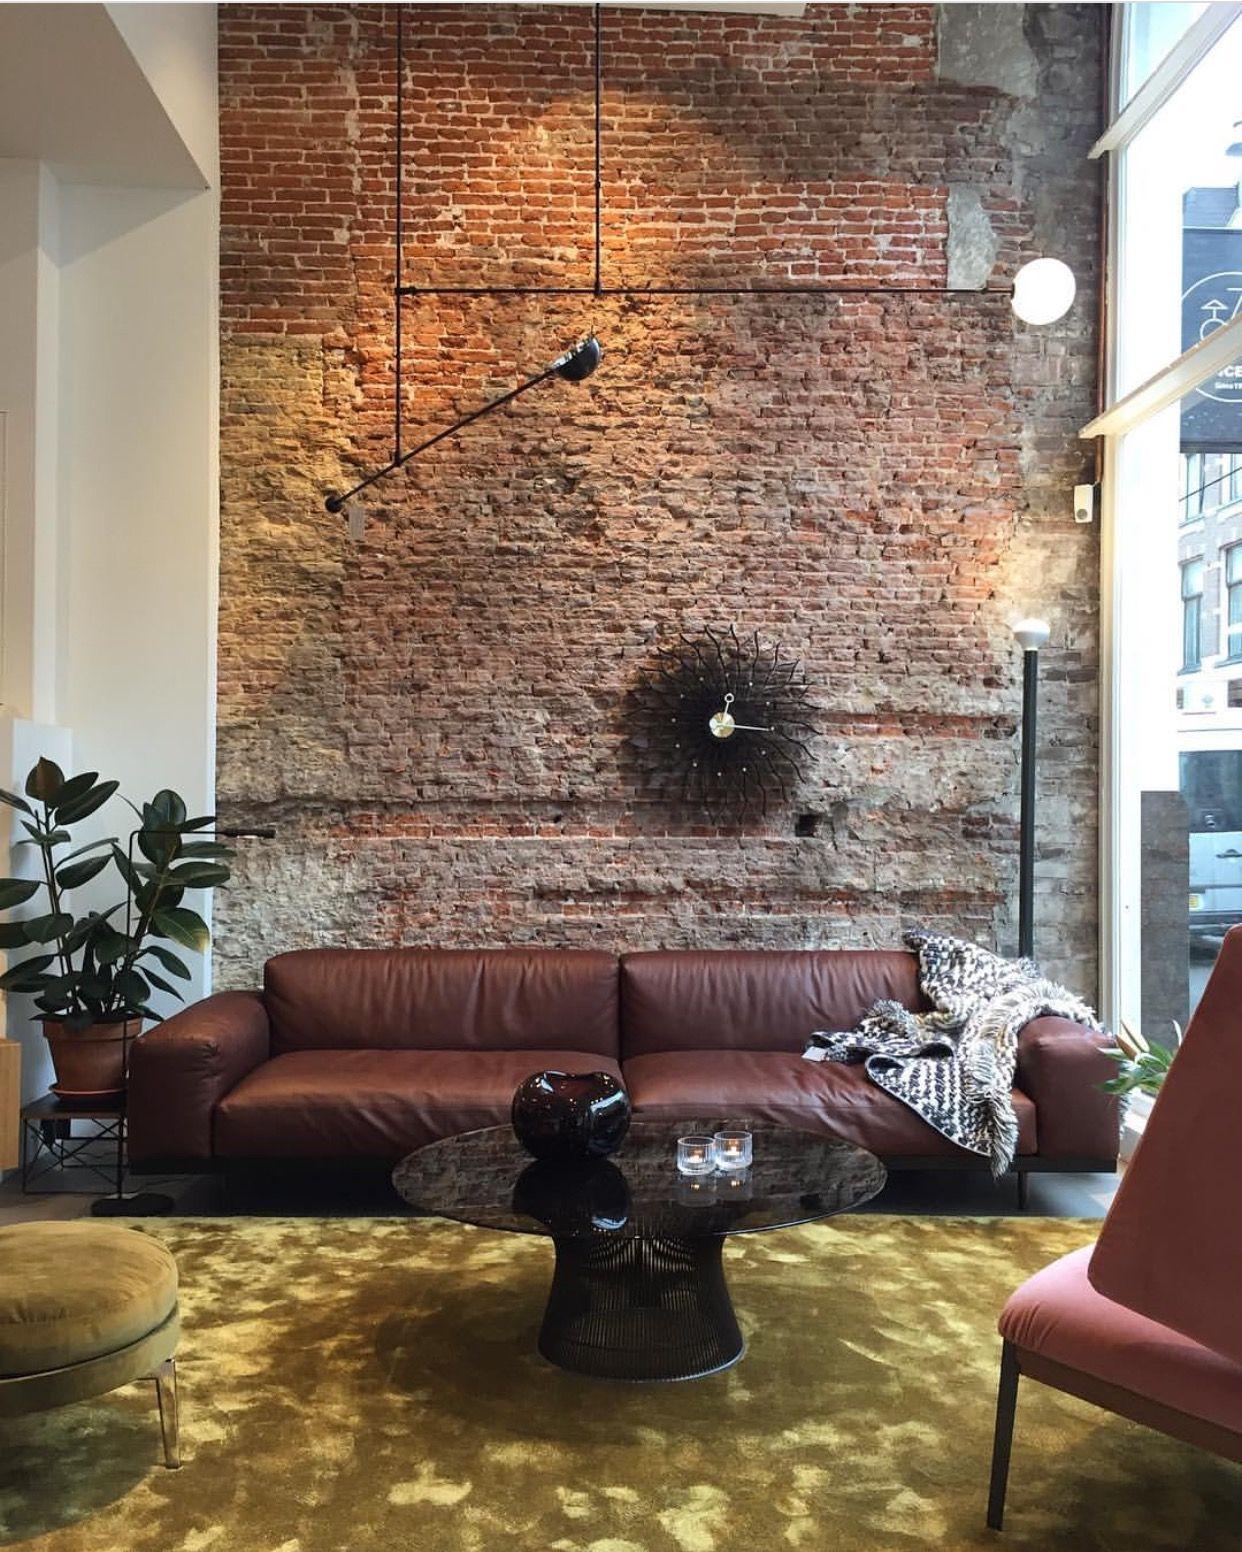 arflex naviglio sofa design asnago theoriginaldesign itsarflextime photoftheday - Fantastisch Wunderbare Dekoration 14 Sofa Aus Leder Das Symbol Von Eleganz Und Luxus